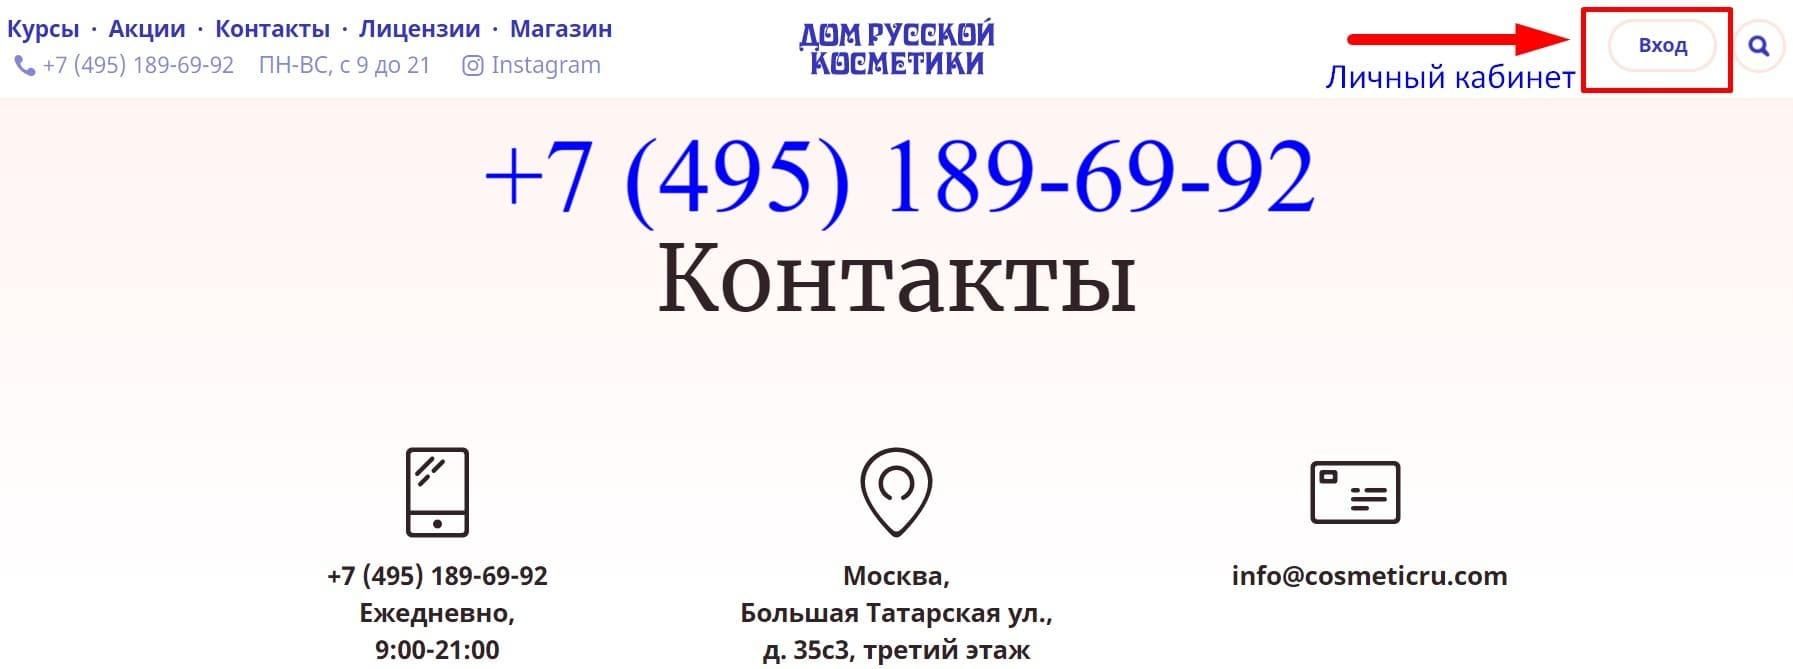 Личный кабинет Дом русской косметики